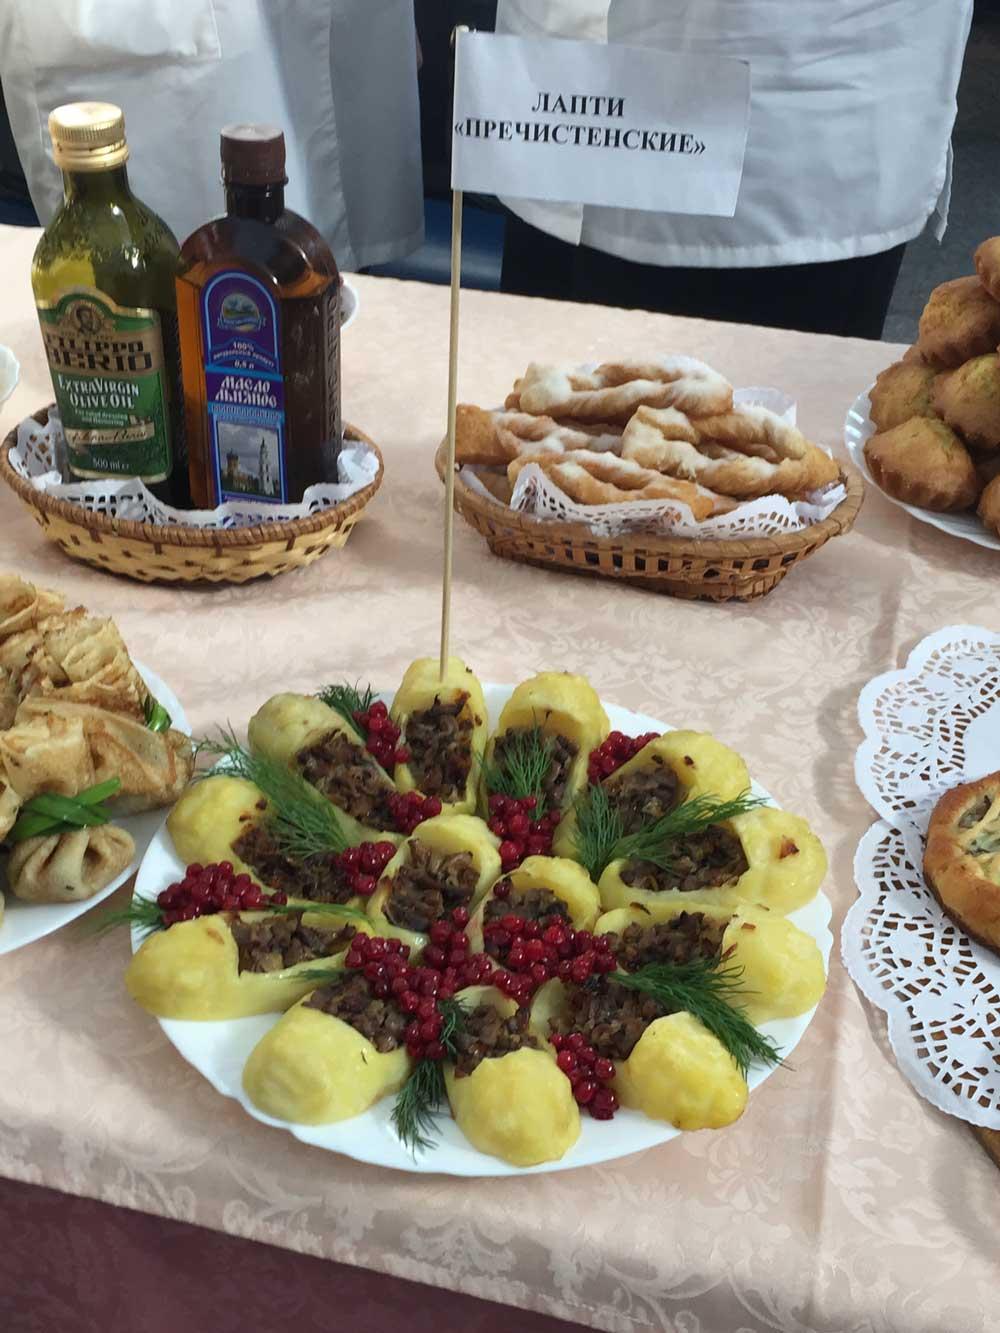 Фестиваль постной кухни в городе Ярославле. Первомайское потребительское общество.